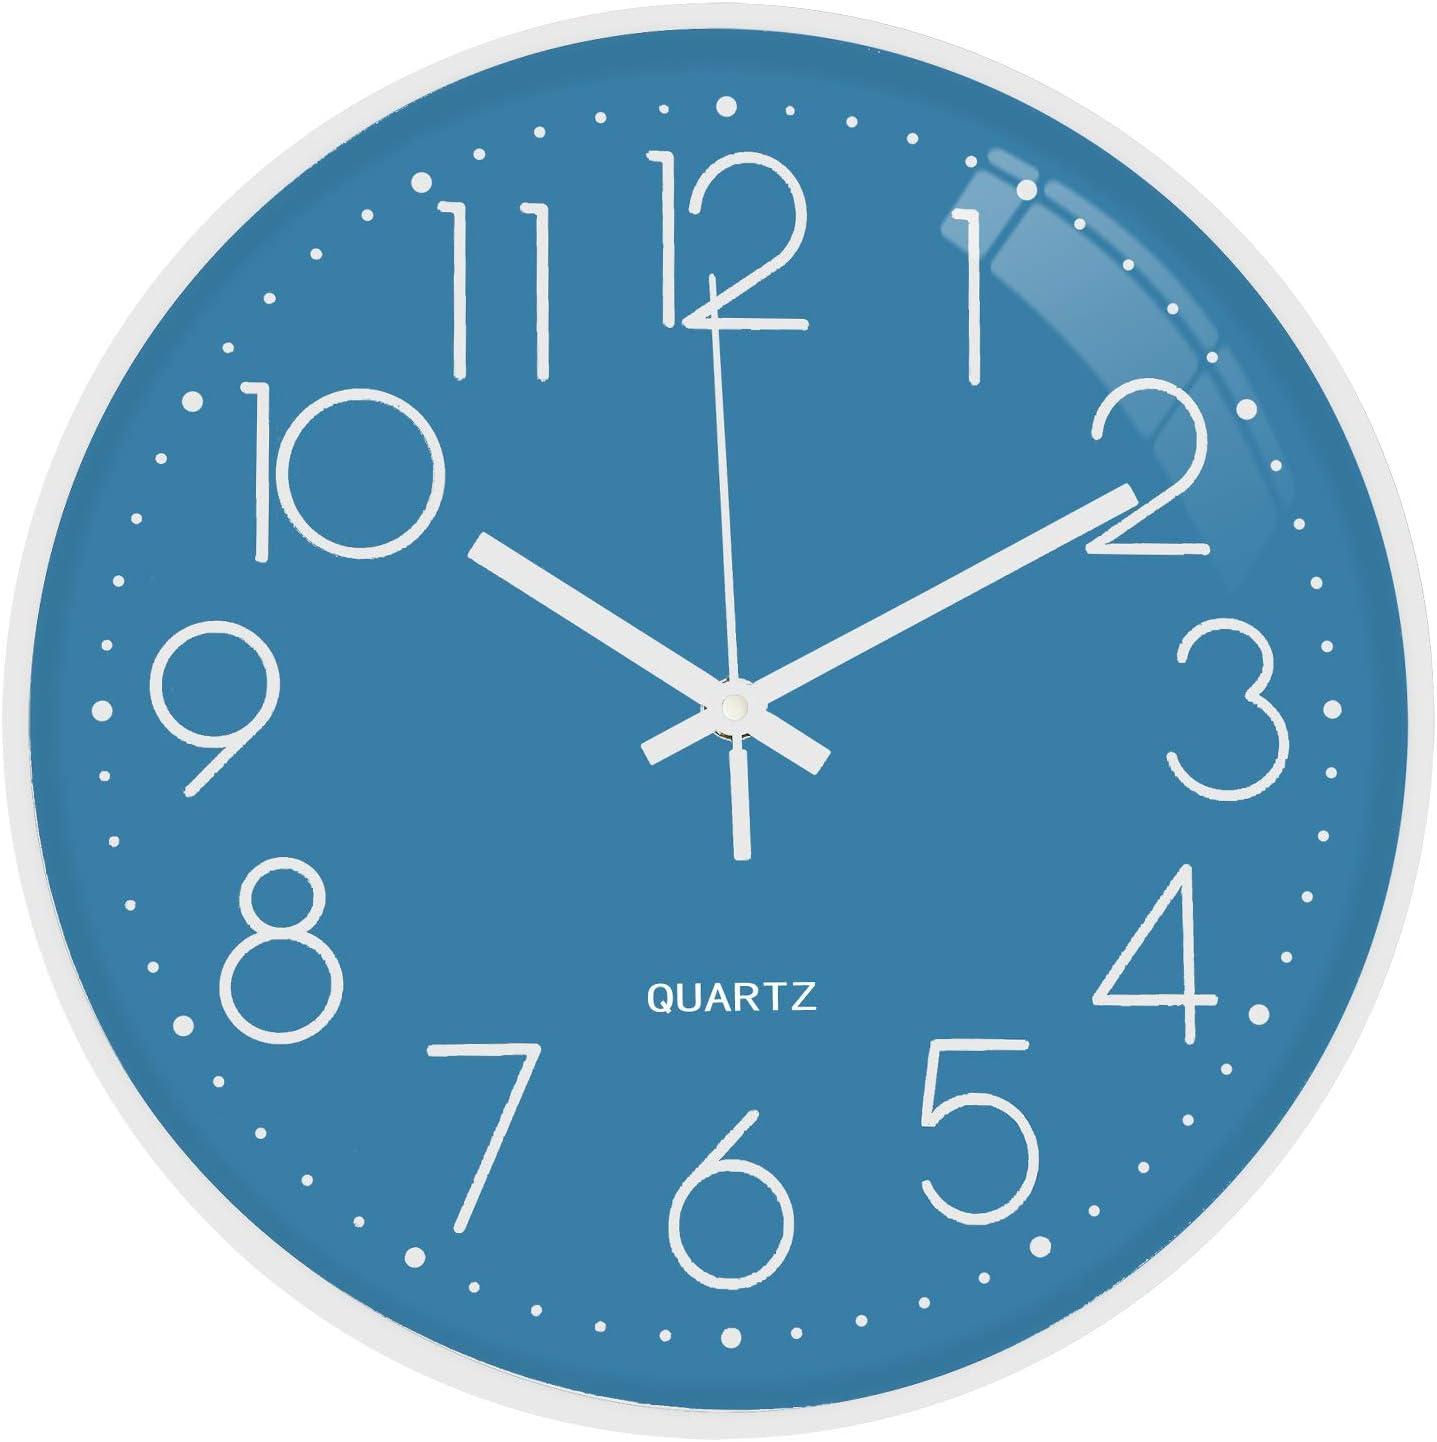 TOPPTIK Reloj de pared de 30,48 cm, moderno, digital, silencioso, funciona con pilas, fácil de leer, decoración para sala de estar, dormitorio, hogar, cocina, oficina, escuela, aula (azul)